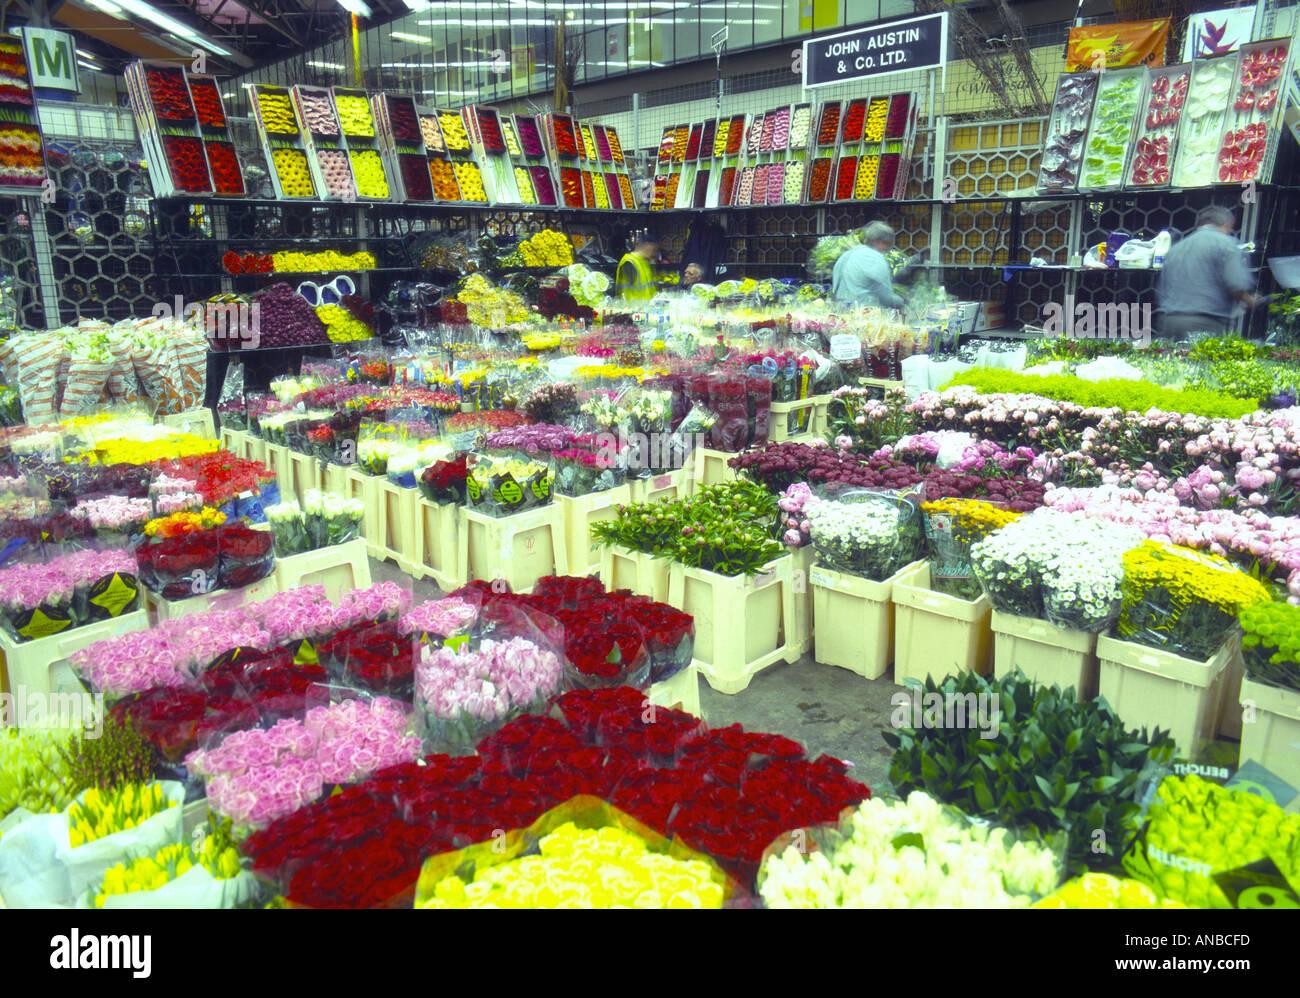 uk london new covent garden flower market 2001 stock photo: 1424636